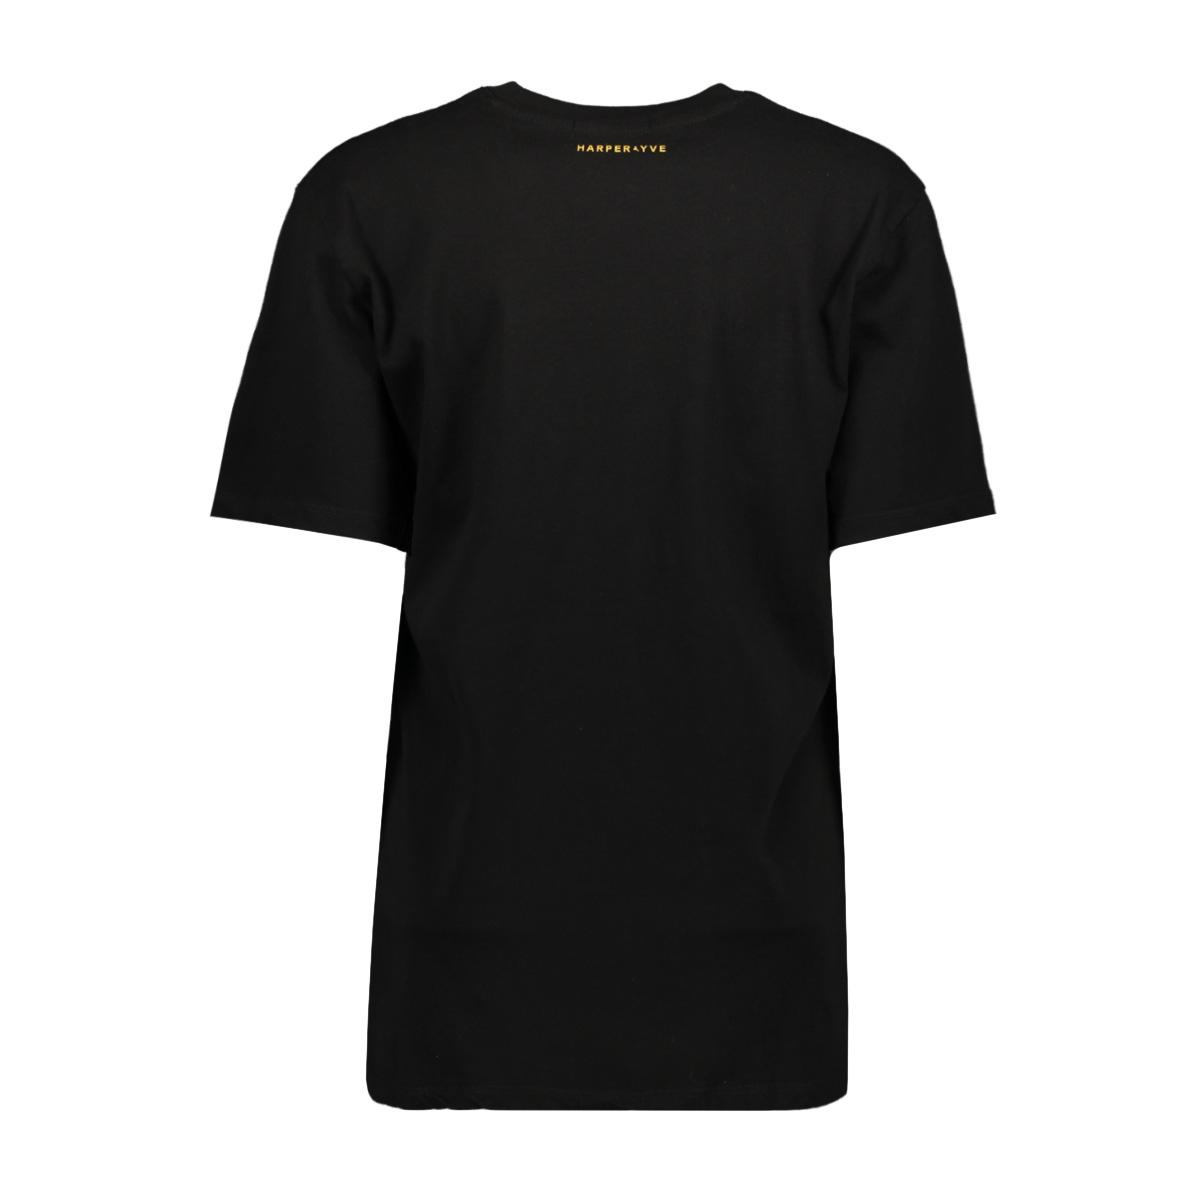 fw19k302 harper ss harper & yve t-shirt black